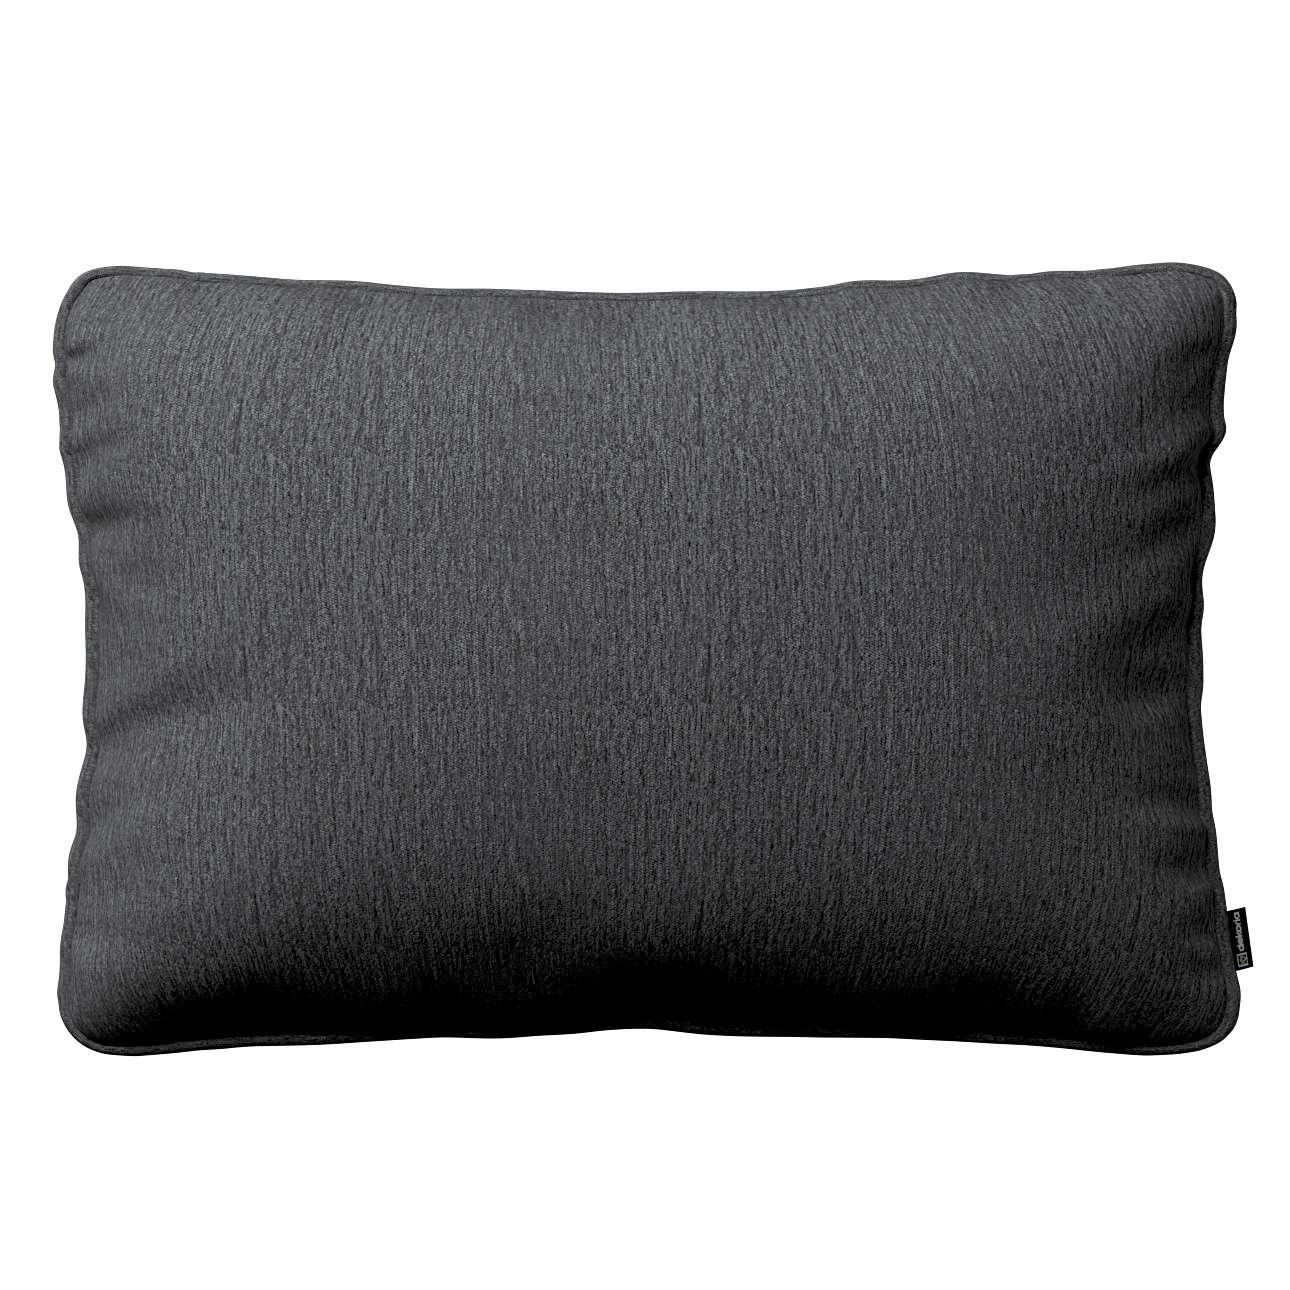 Poszewka Gabi na poduszkę prostokątna 60 x 40 cm w kolekcji Chenille, tkanina: 702-20